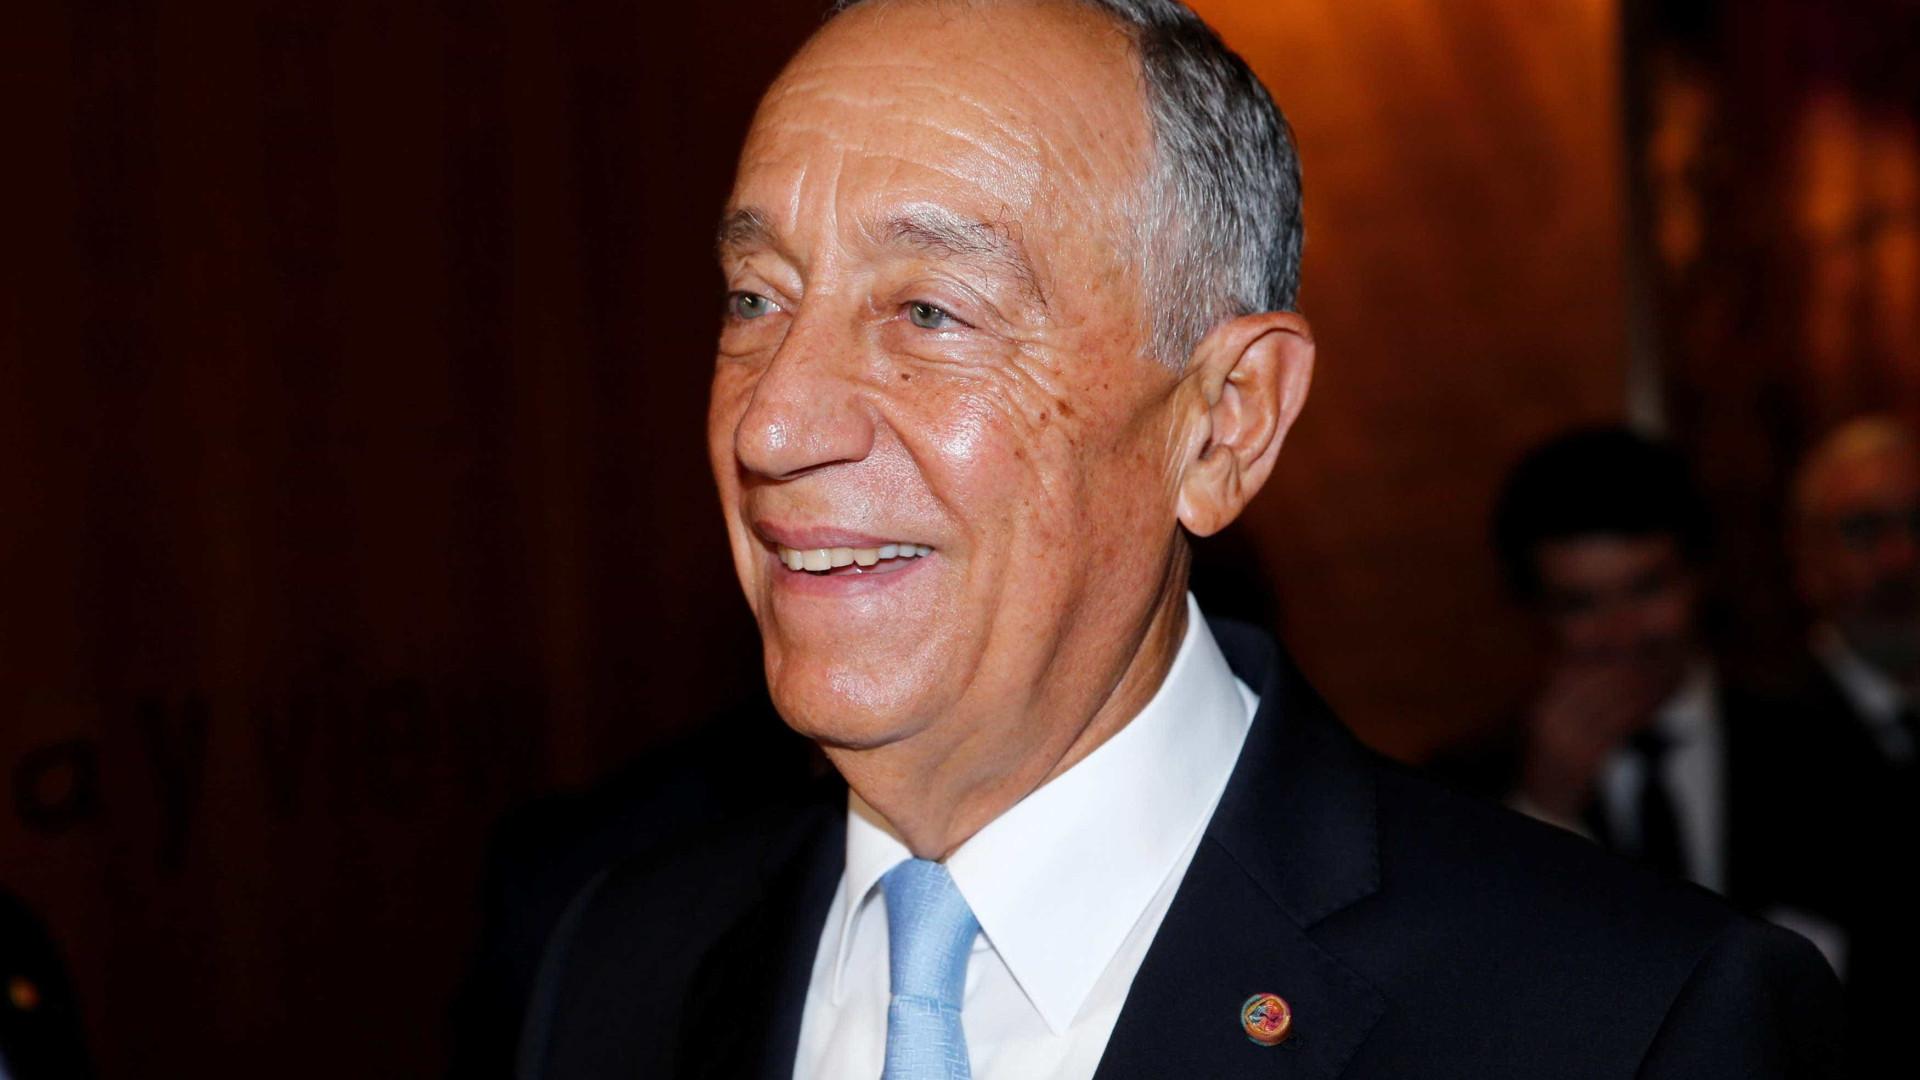 Marcelo encerra hoje visita à Croácia com reunião com primeiro-ministro